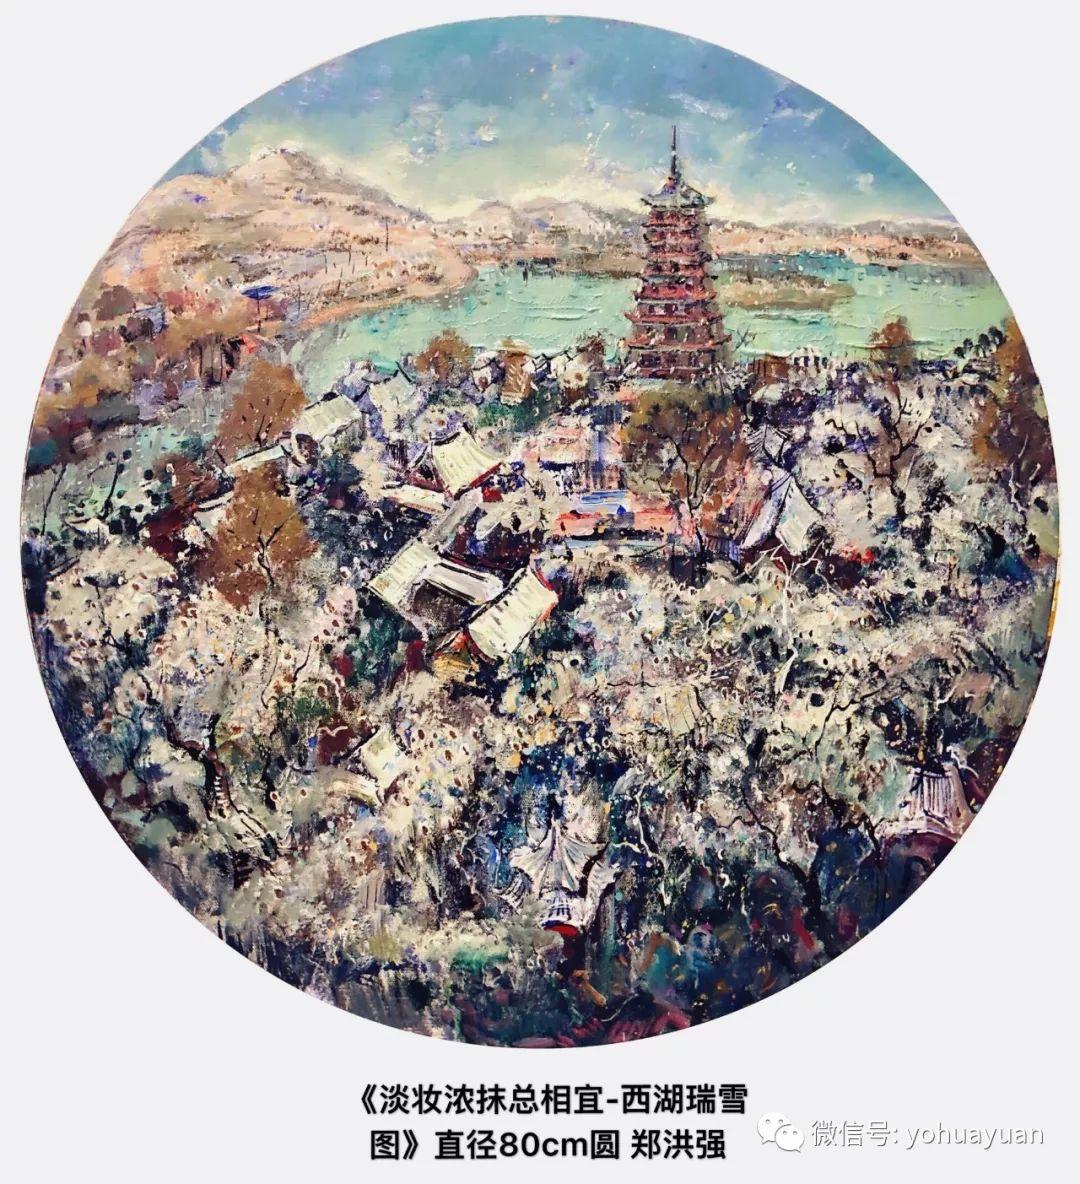 油画作品拍卖(内蒙古草原写生) 第25张 油画作品拍卖(内蒙古草原写生) 蒙古画廊